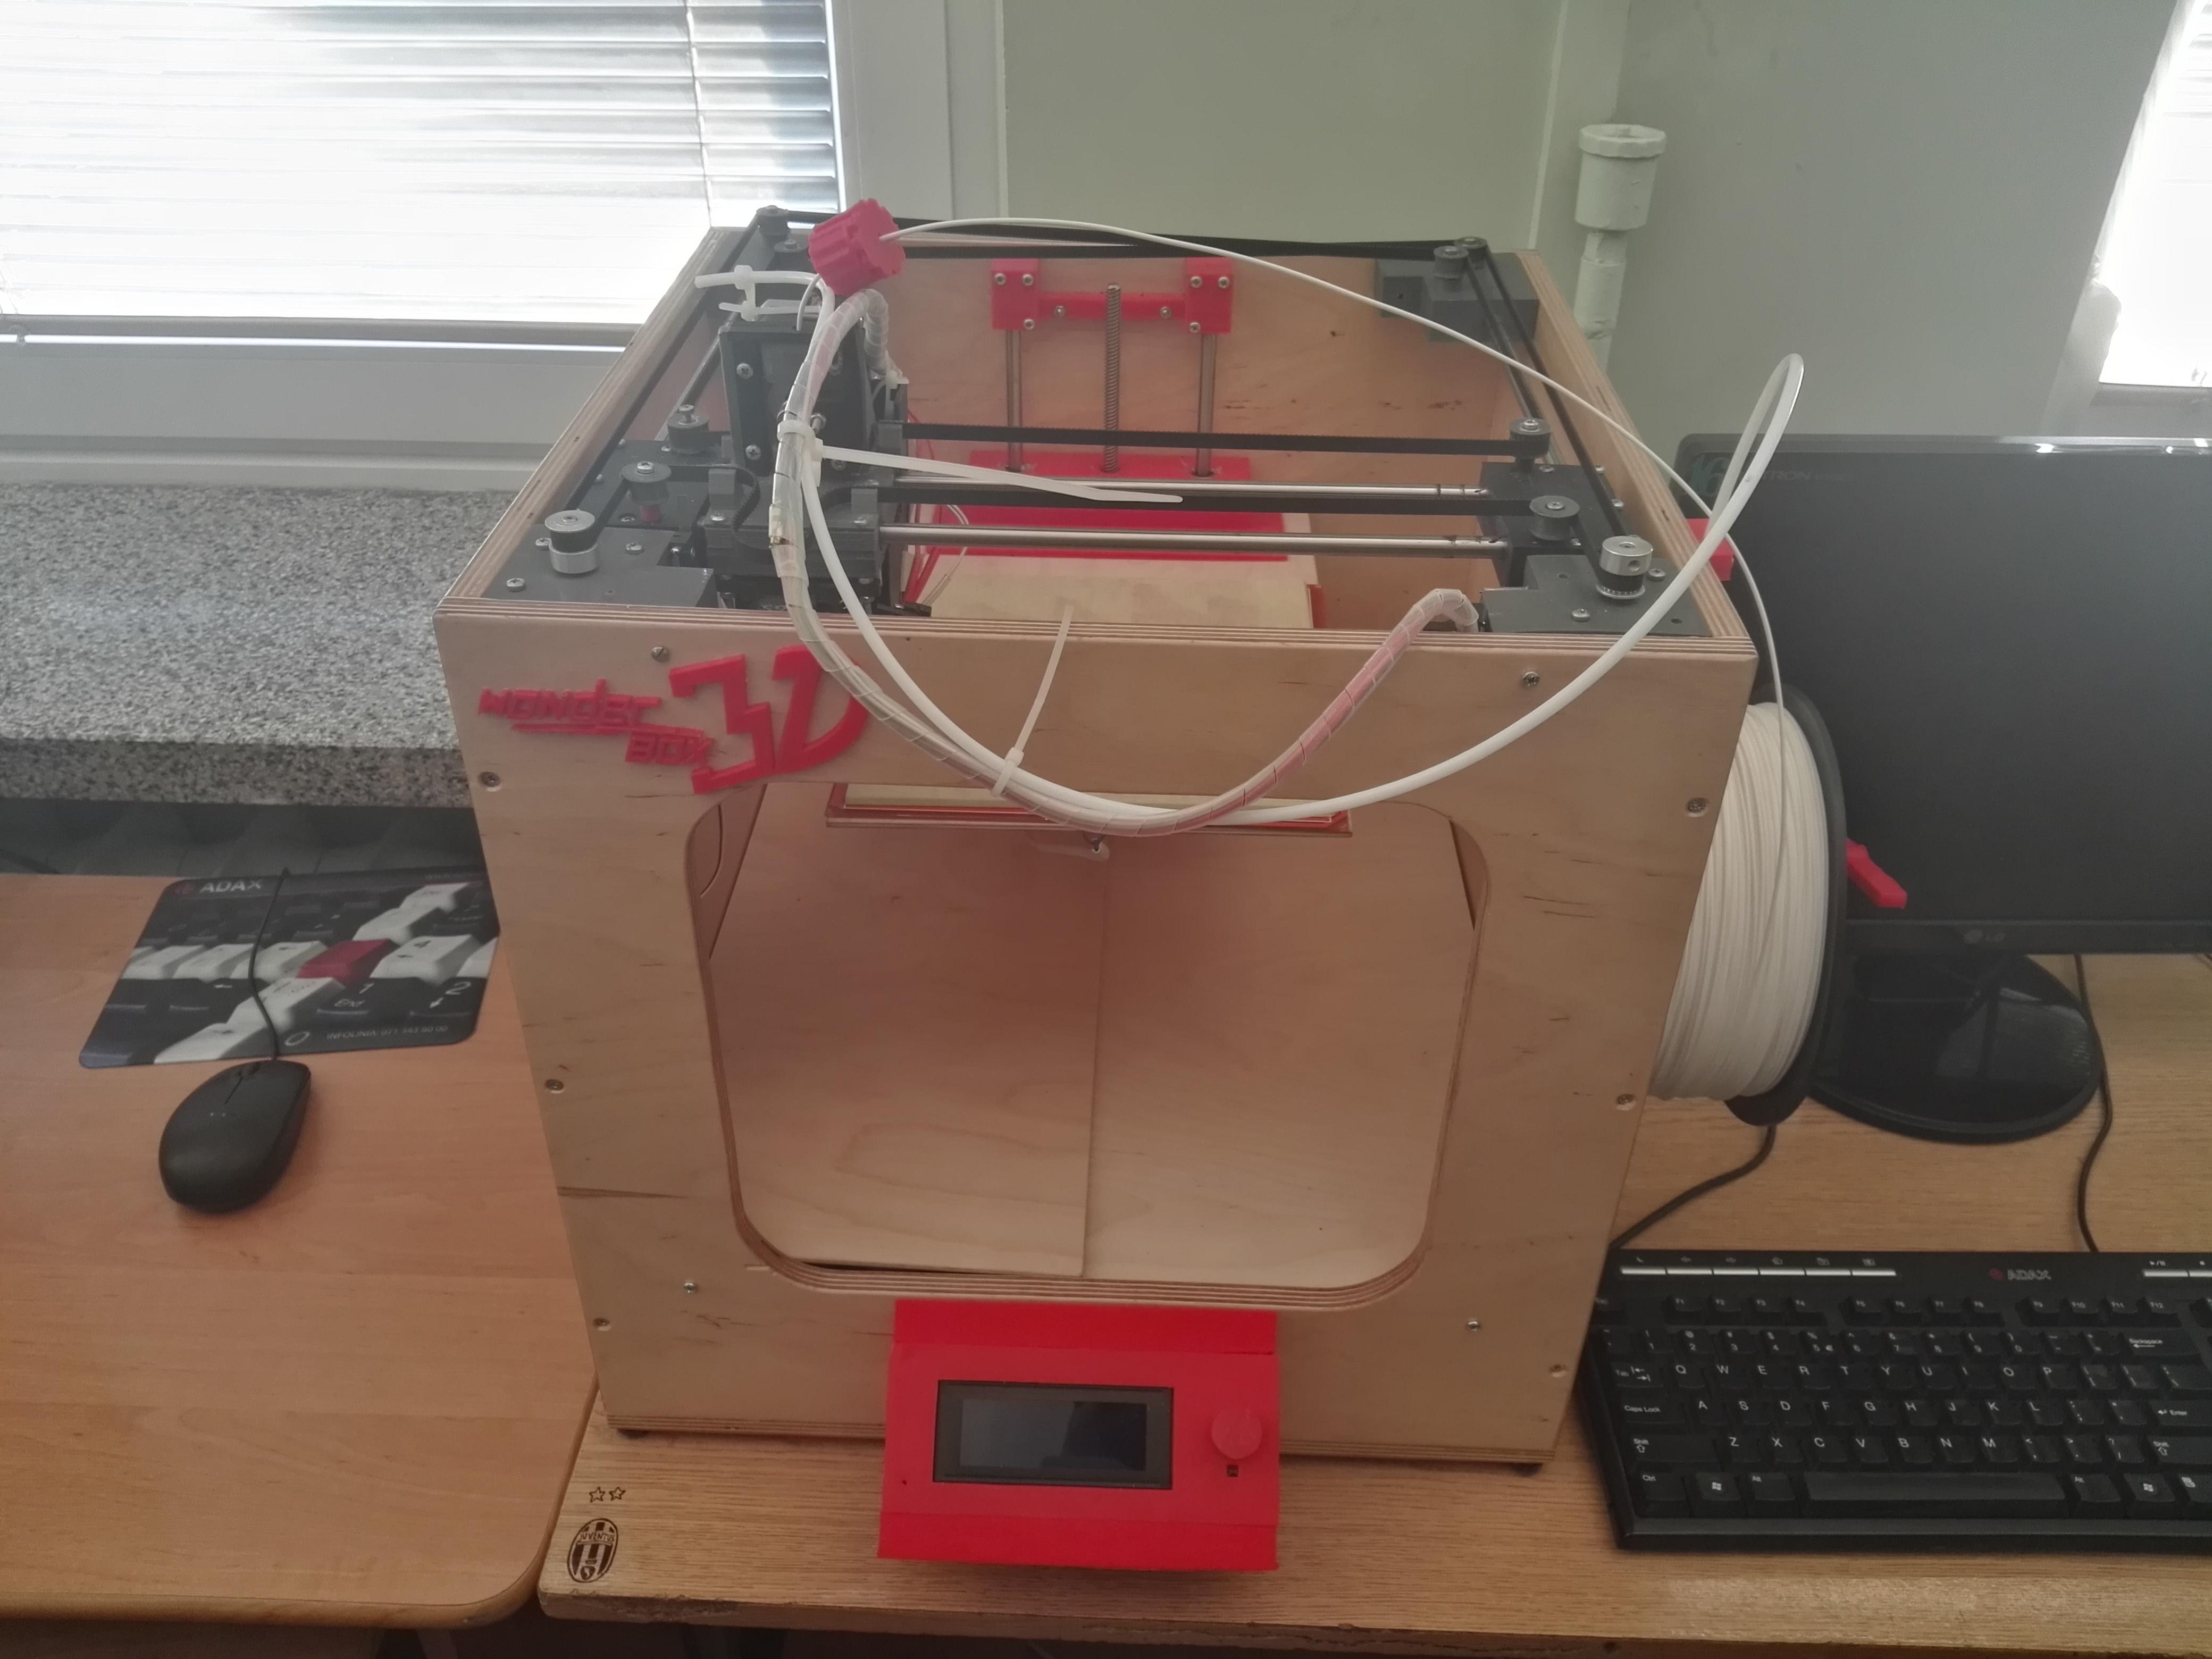 Potrzebne części wykonuje się na miejscu dzięki szkolnej drukarce 3D